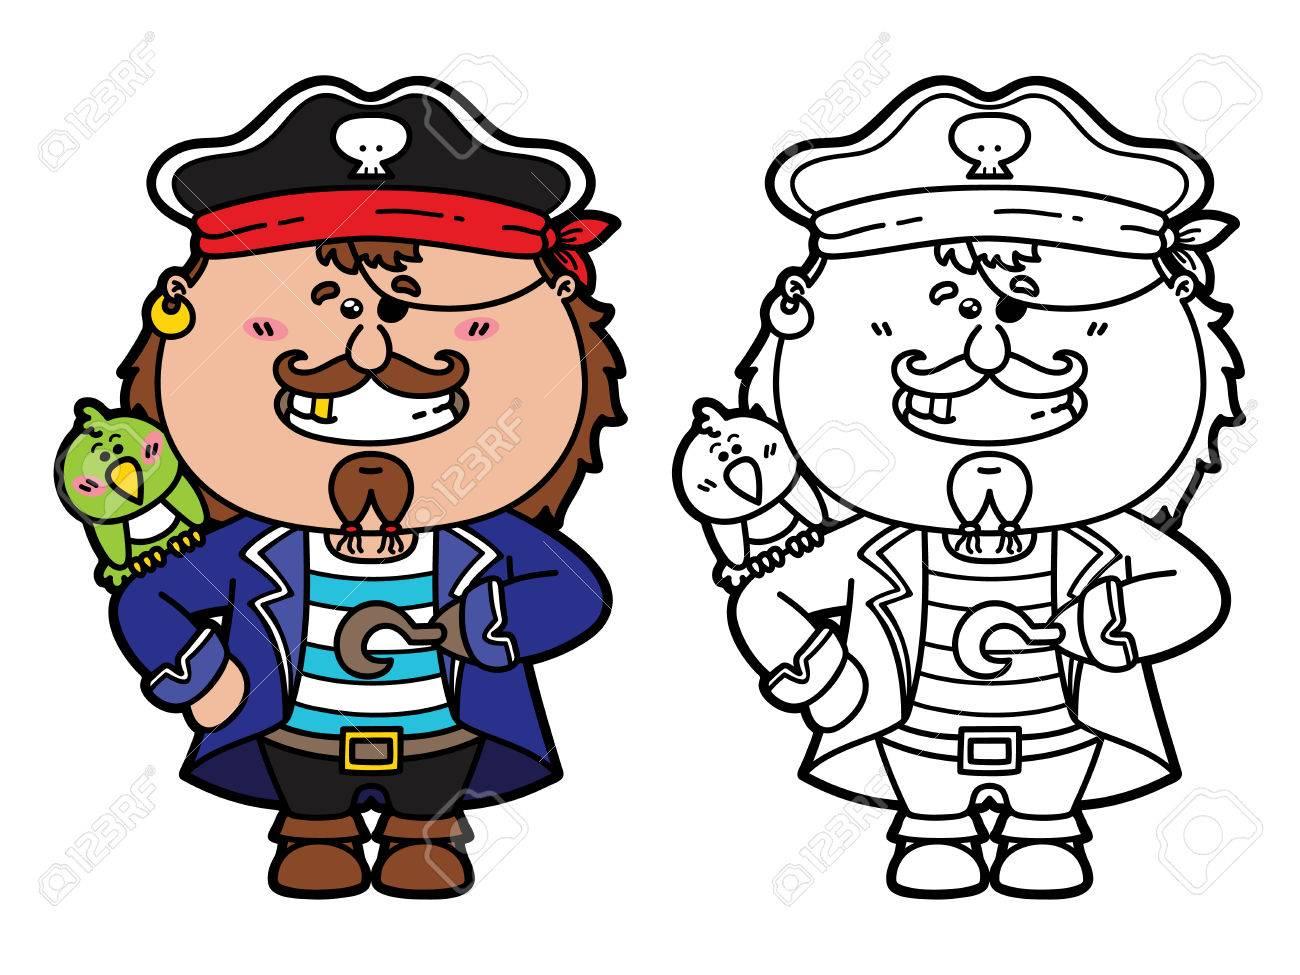 Lustigen Piraten. Vektor-Illustration Malvorlagen Von Glücklich ...